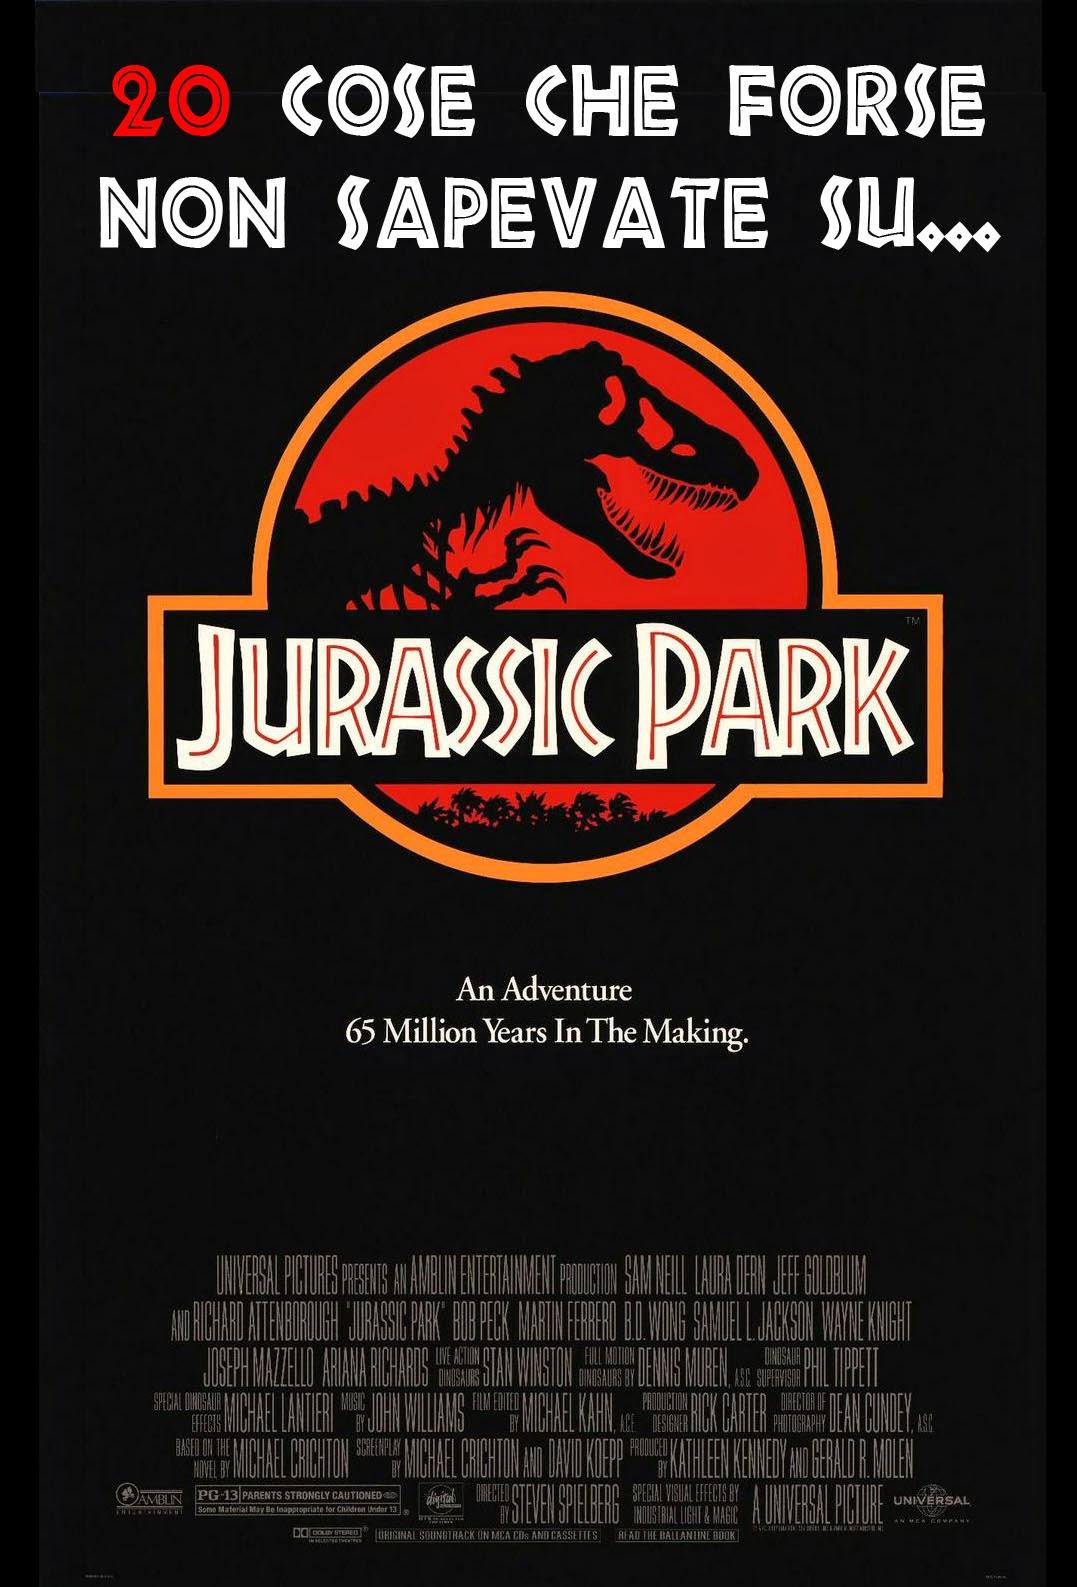 Jurassic Park poster curiosità trivia